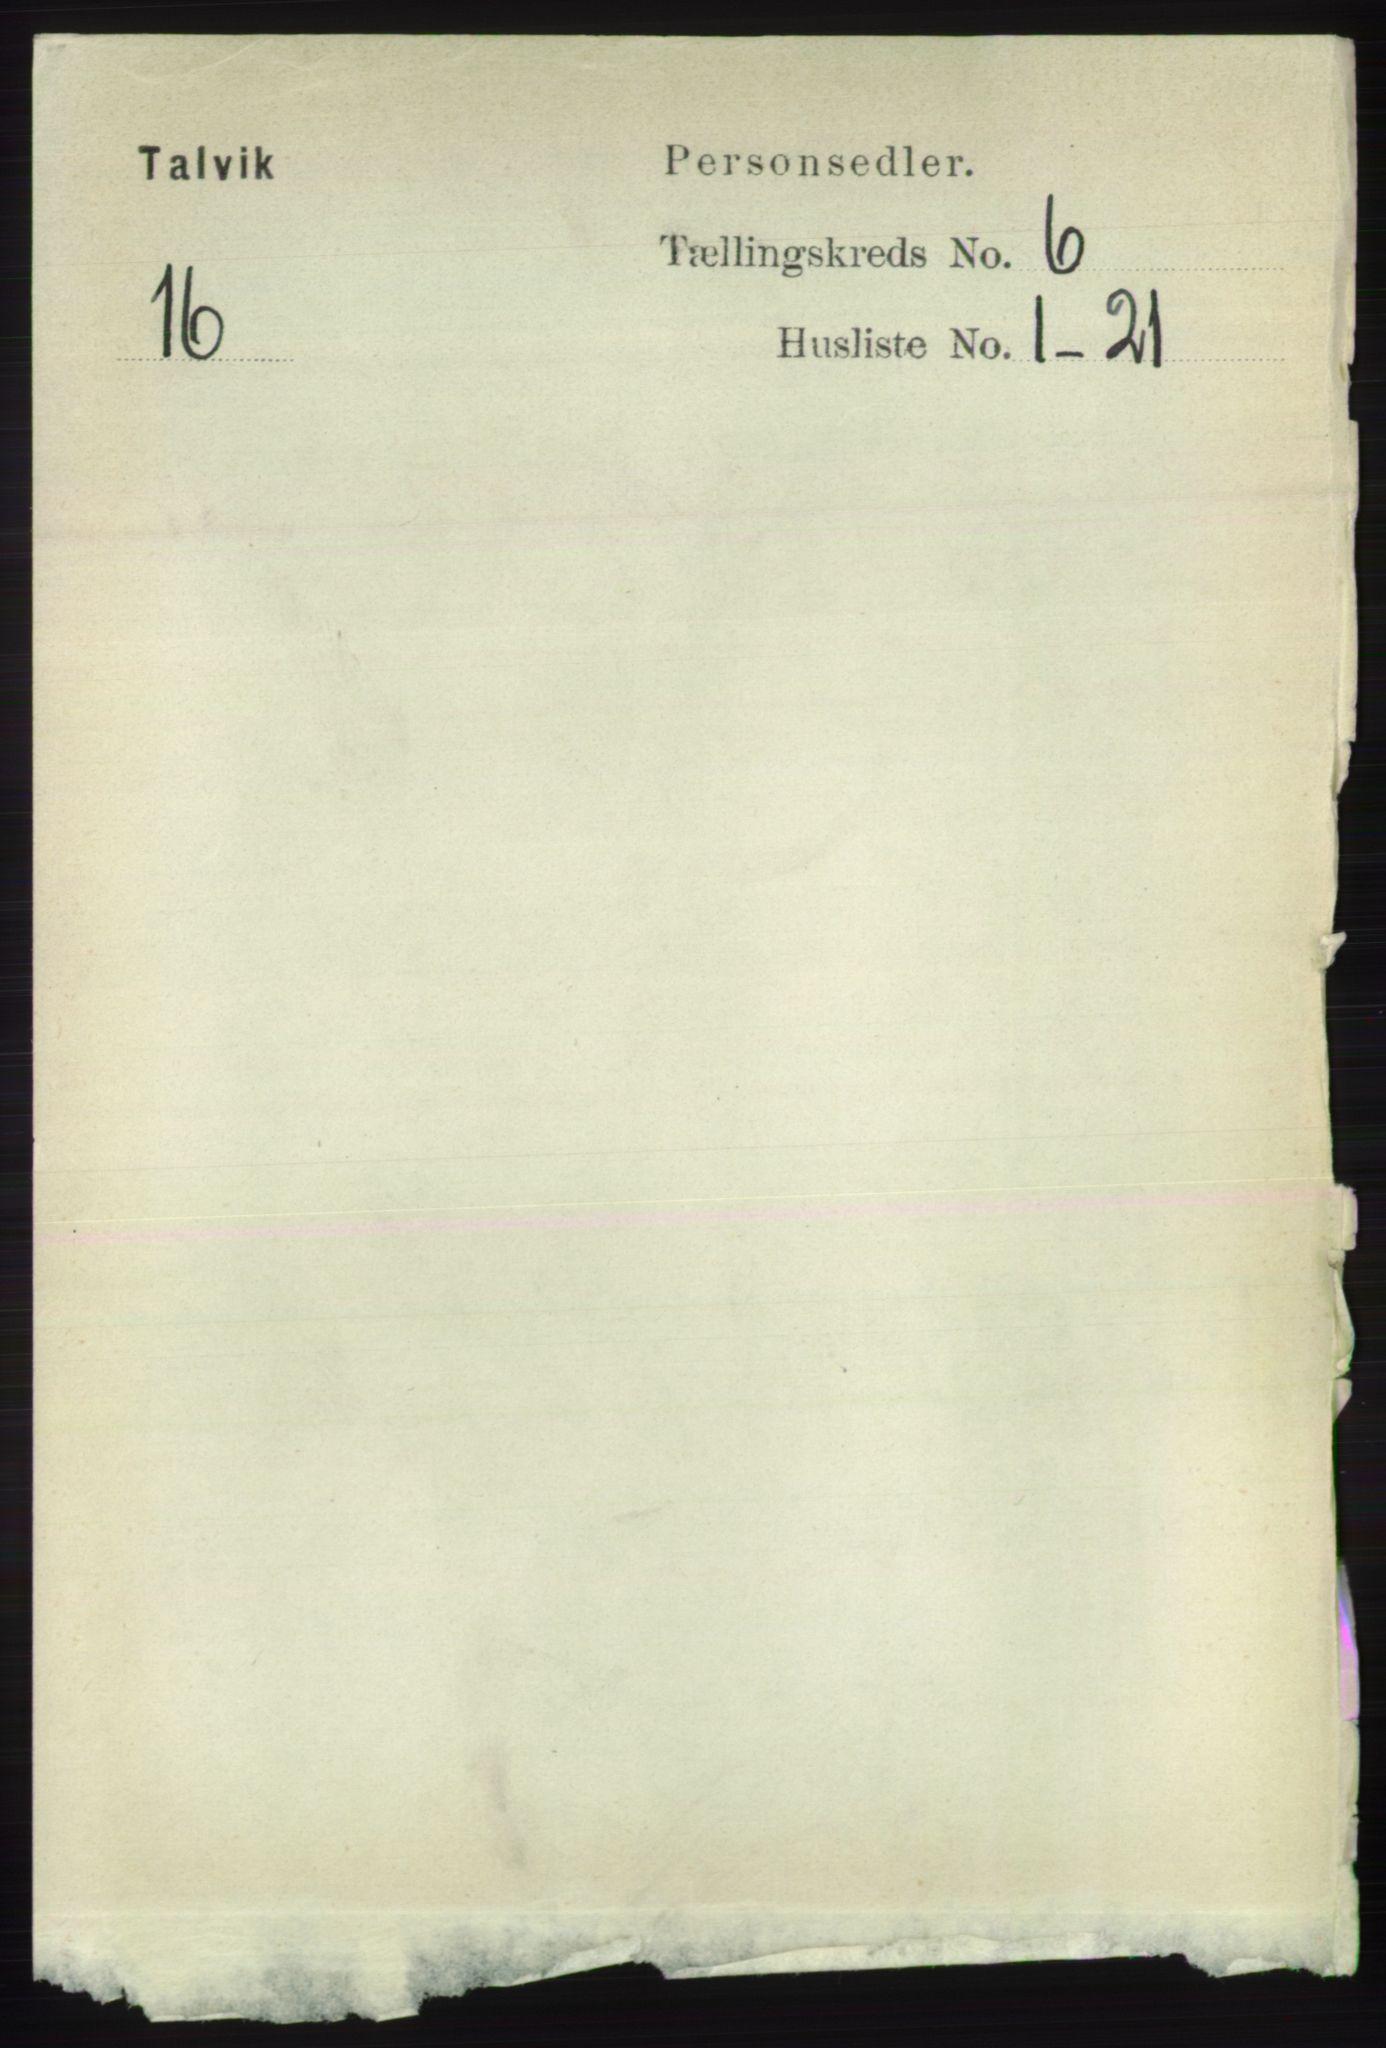 RA, Folketelling 1891 for 2013 Talvik herred, 1891, s. 1614